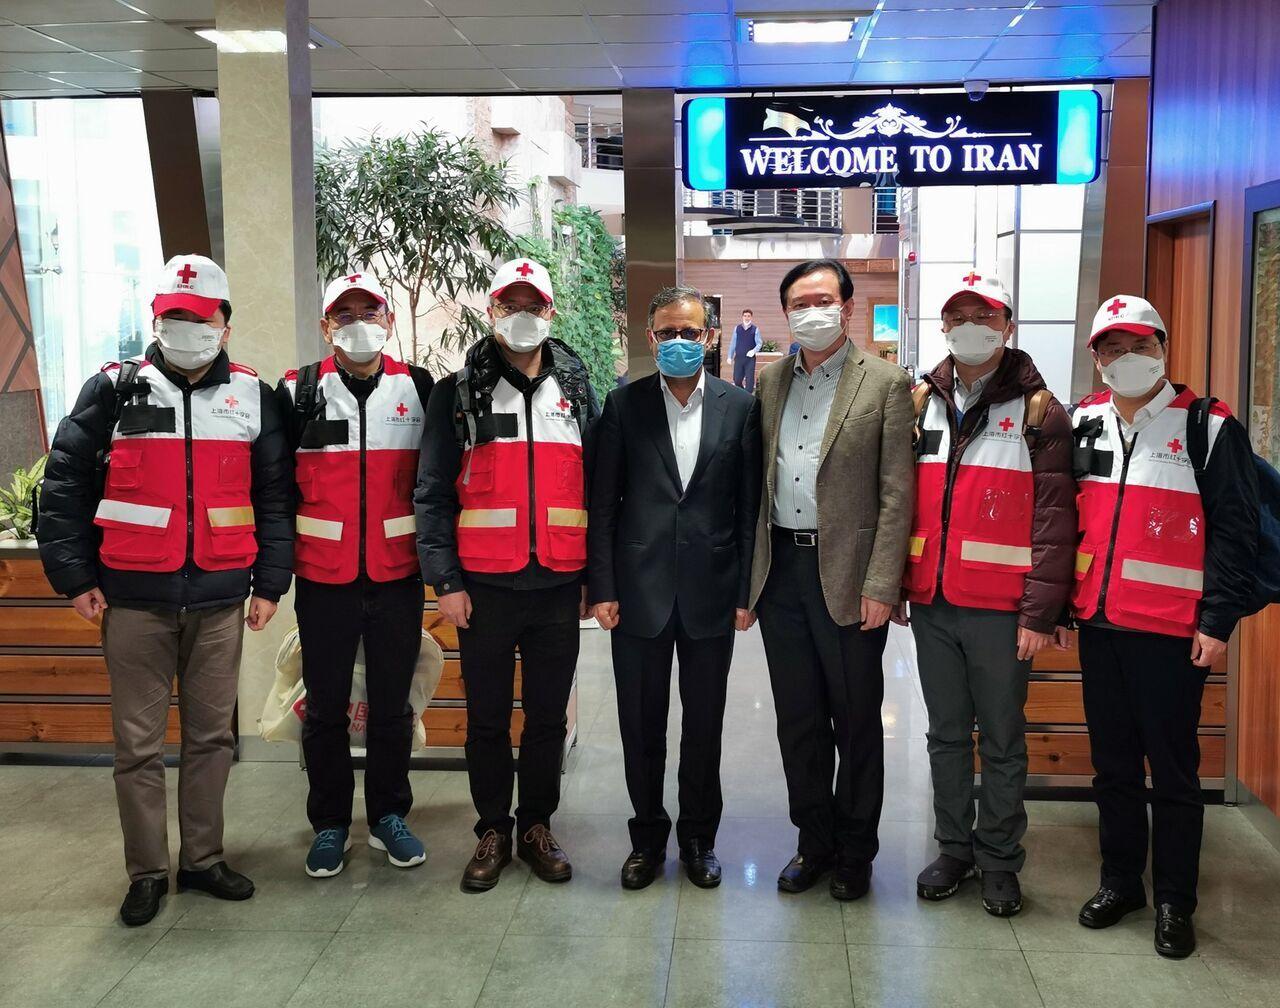 فريق طبى صيني مع المساعدات يصل الى طهران